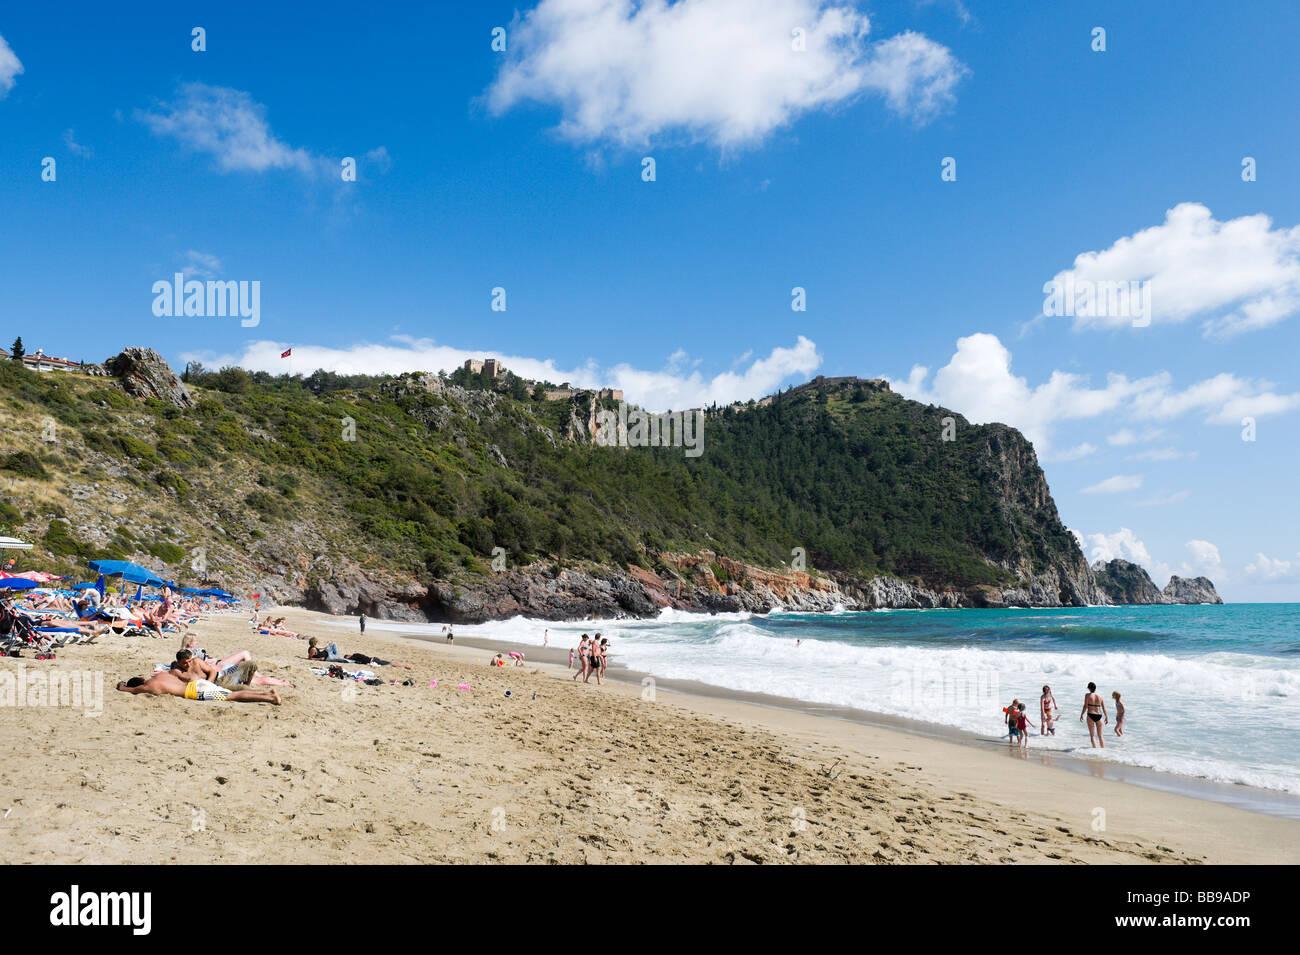 Kleopatra Beach looking towards the Castle, Alanya, Mediterranean Coast, Turkey - Stock Image